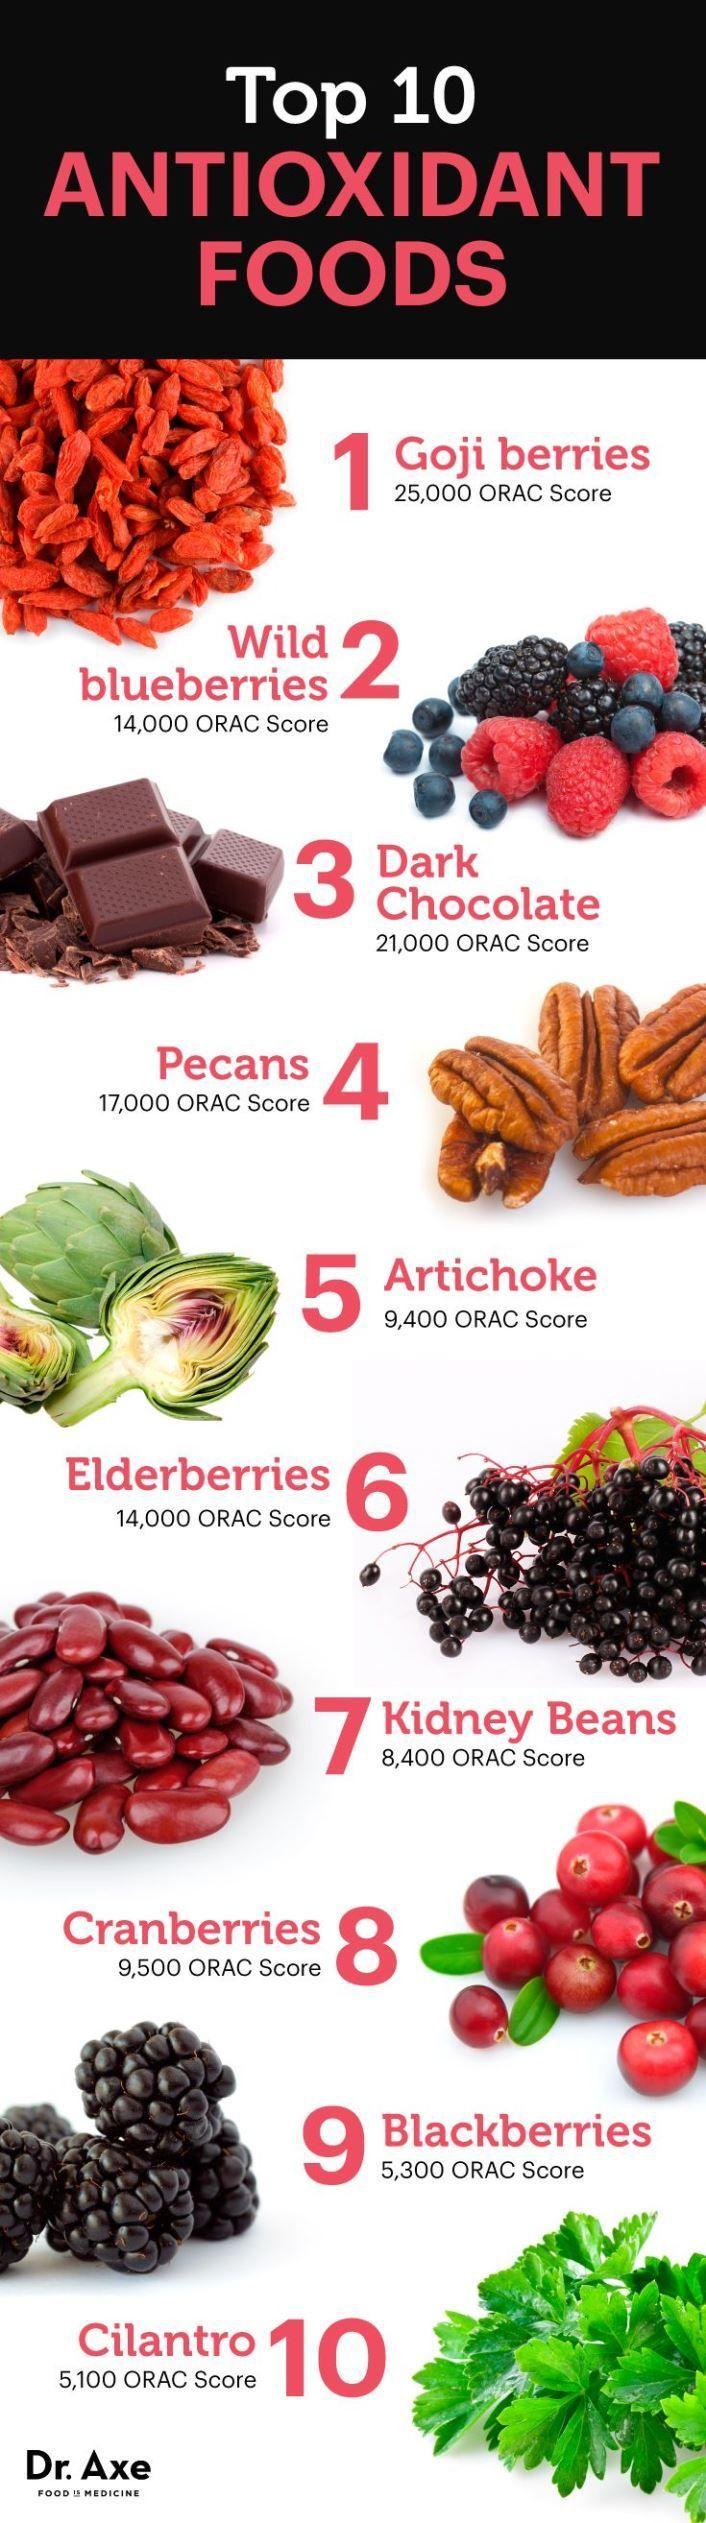 Top 10 High Antioxidant Foods List